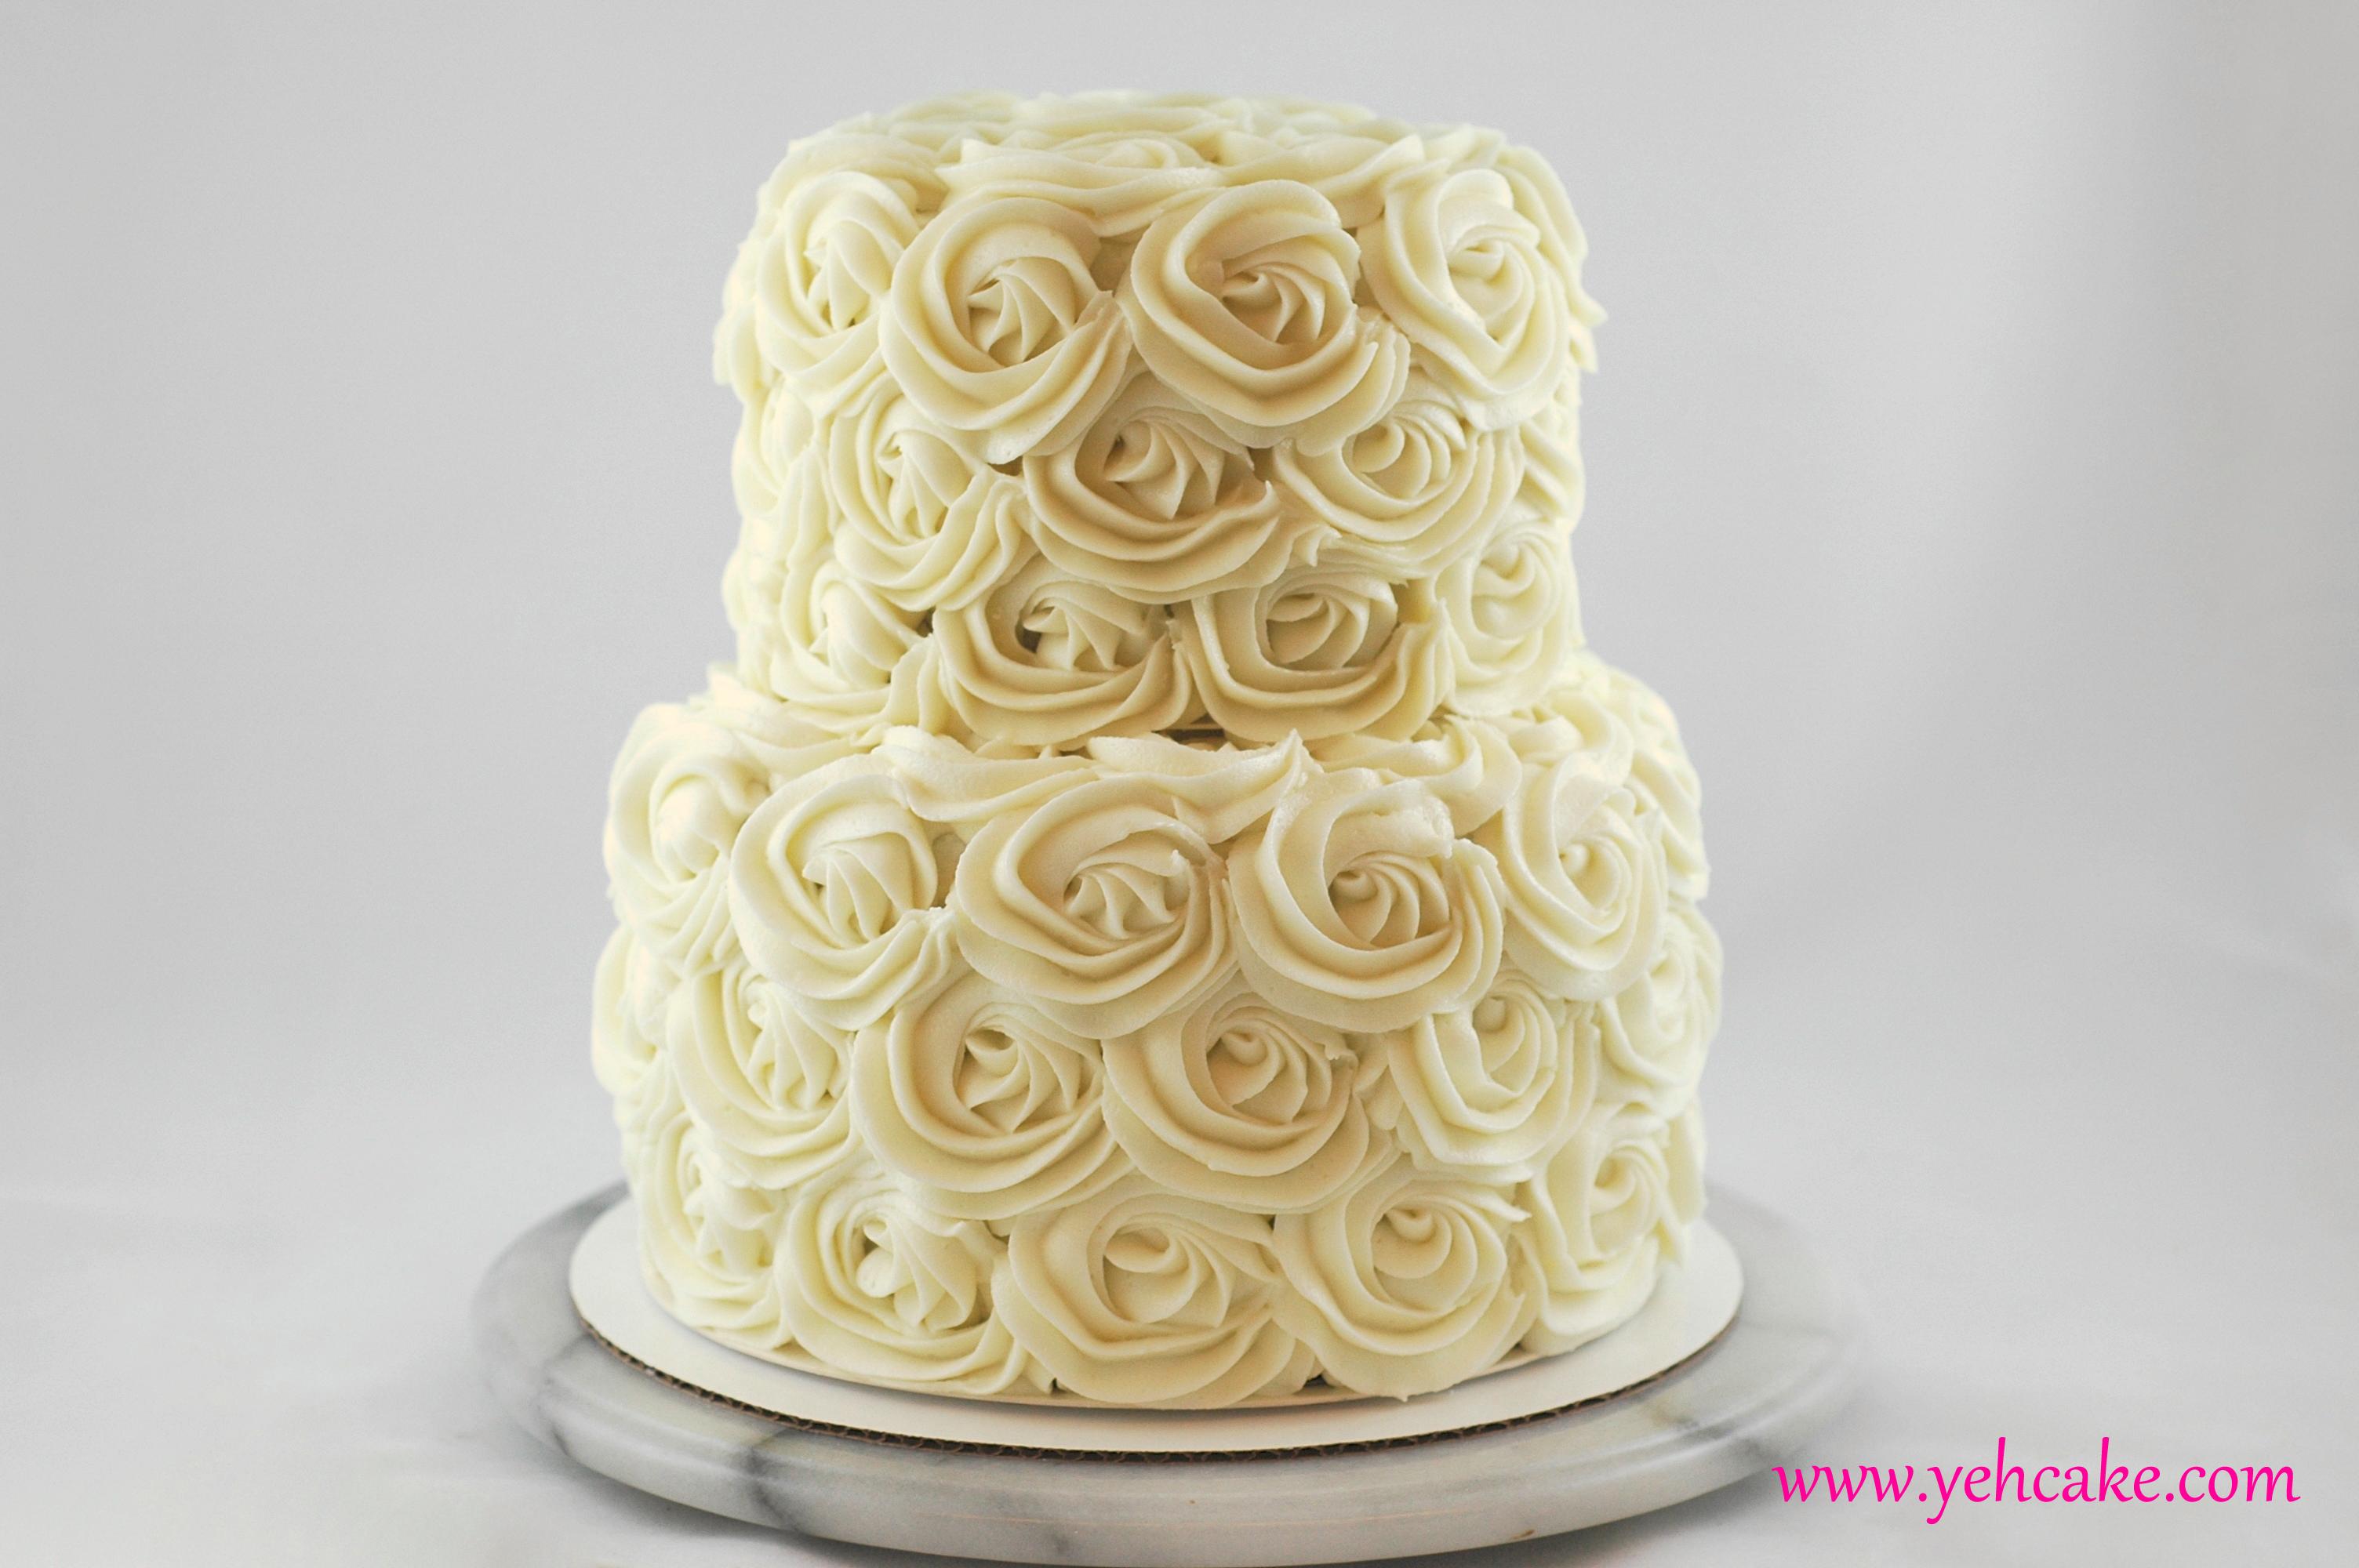 Rose Swirl Wedding Cake (Red Velvet) | cakes by others | Pinterest ...